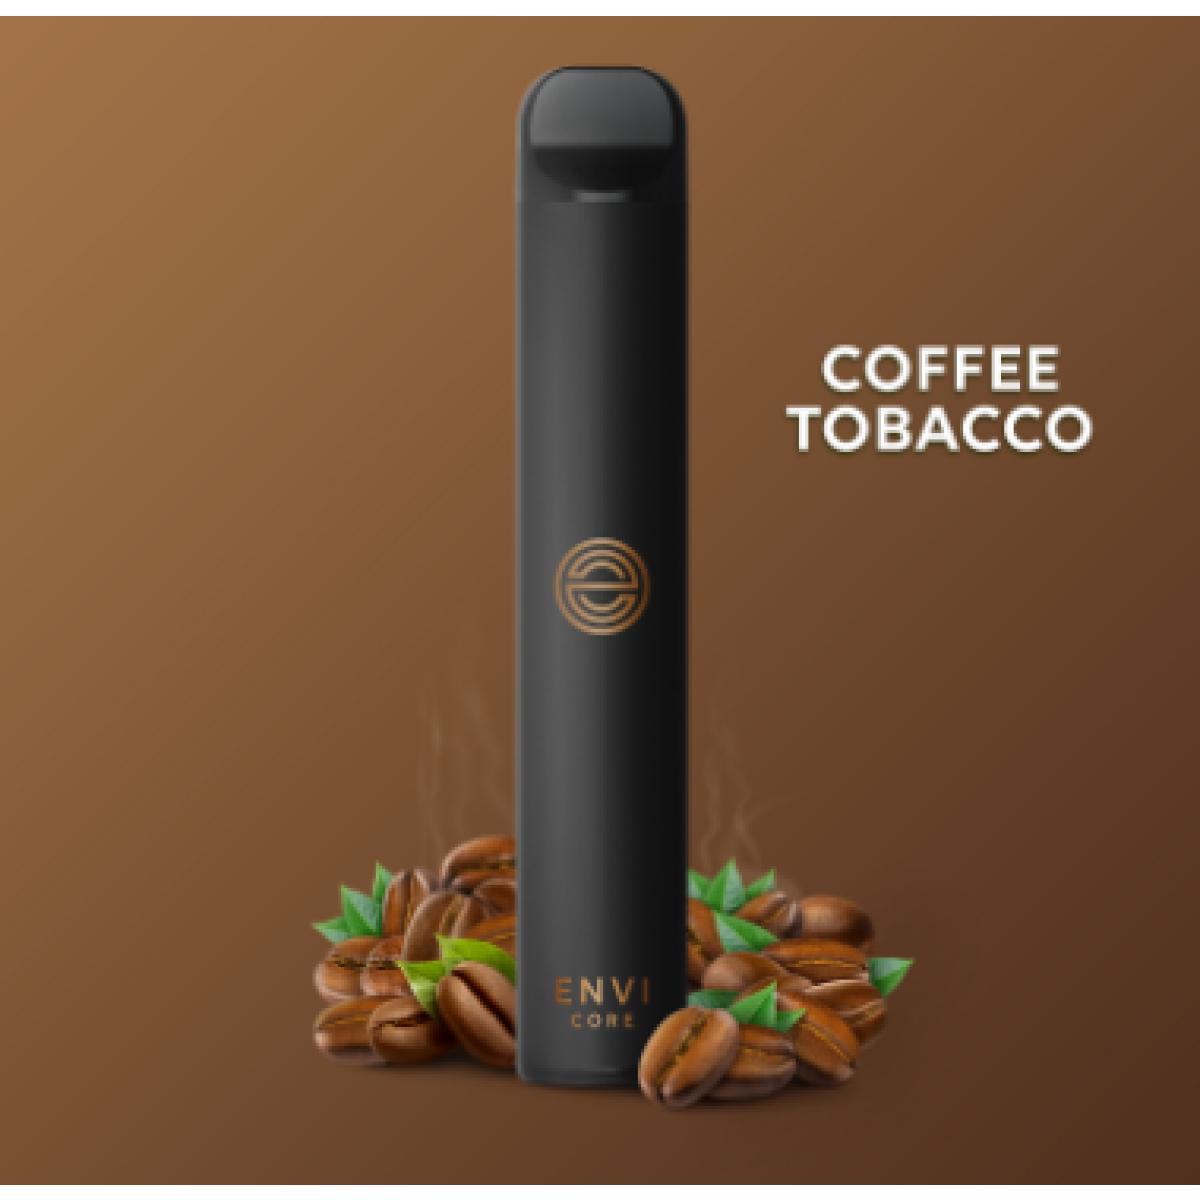 Coffee Tobacco Envi